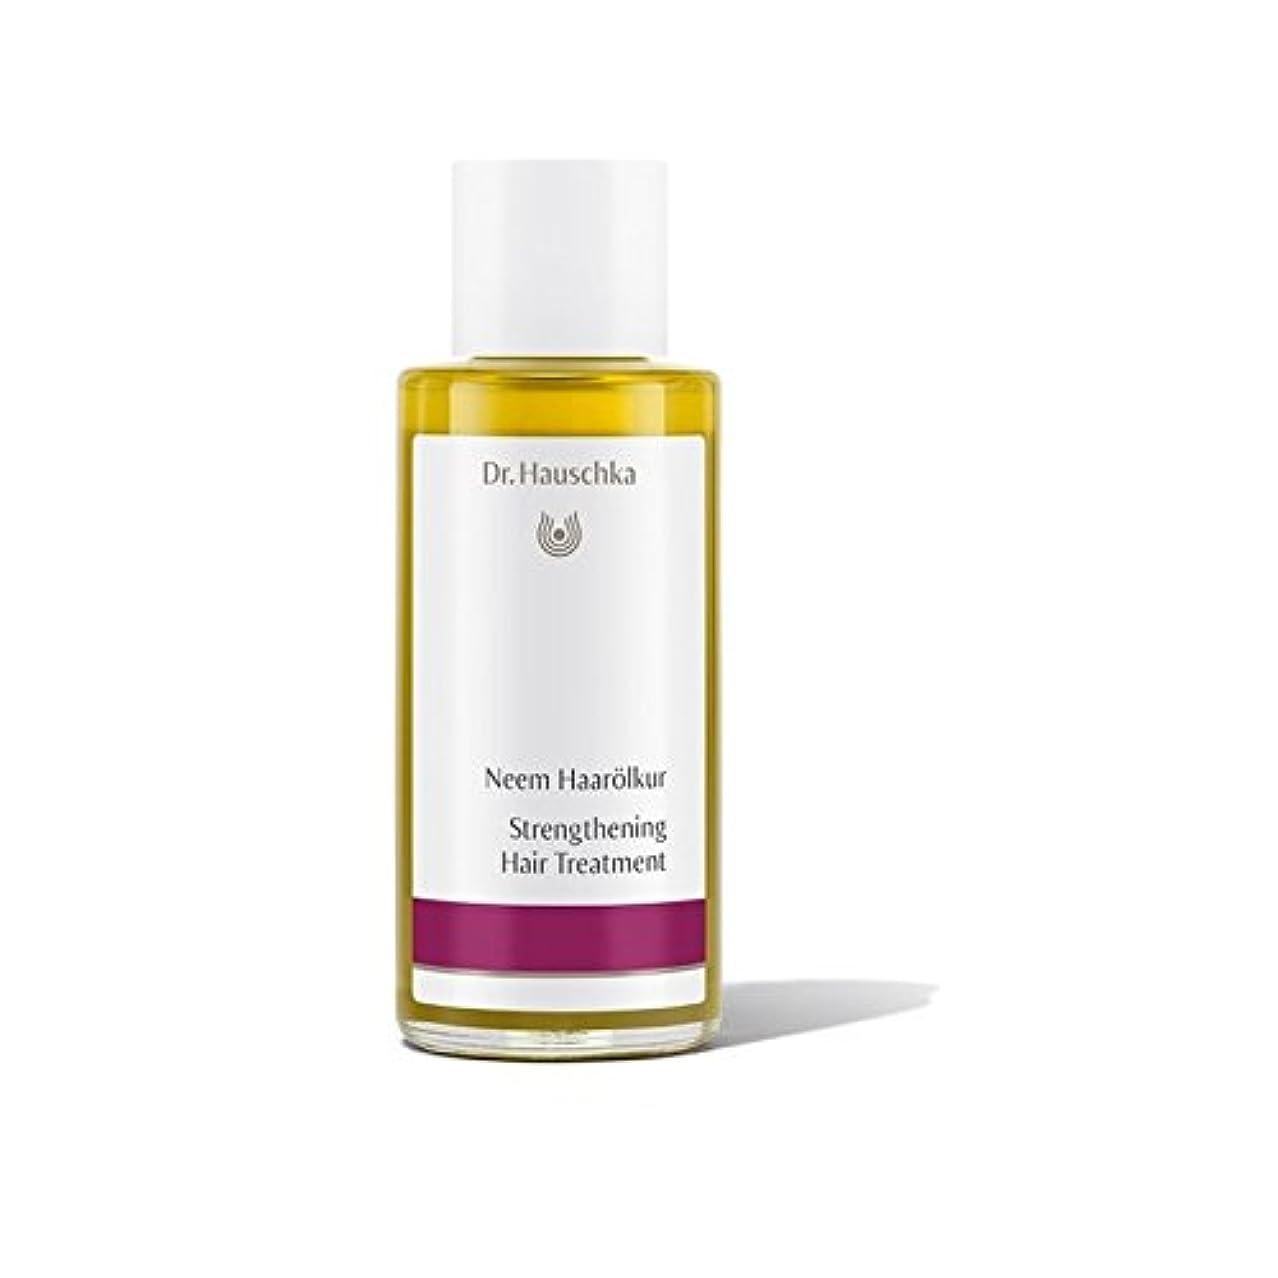 お風呂を持っている牧師チャールズキージングハウシュカ強化ヘアトリートメント(100ミリリットル) x4 - Dr. Hauschka Strengthening Hair Treatment (100ml) (Pack of 4) [並行輸入品]